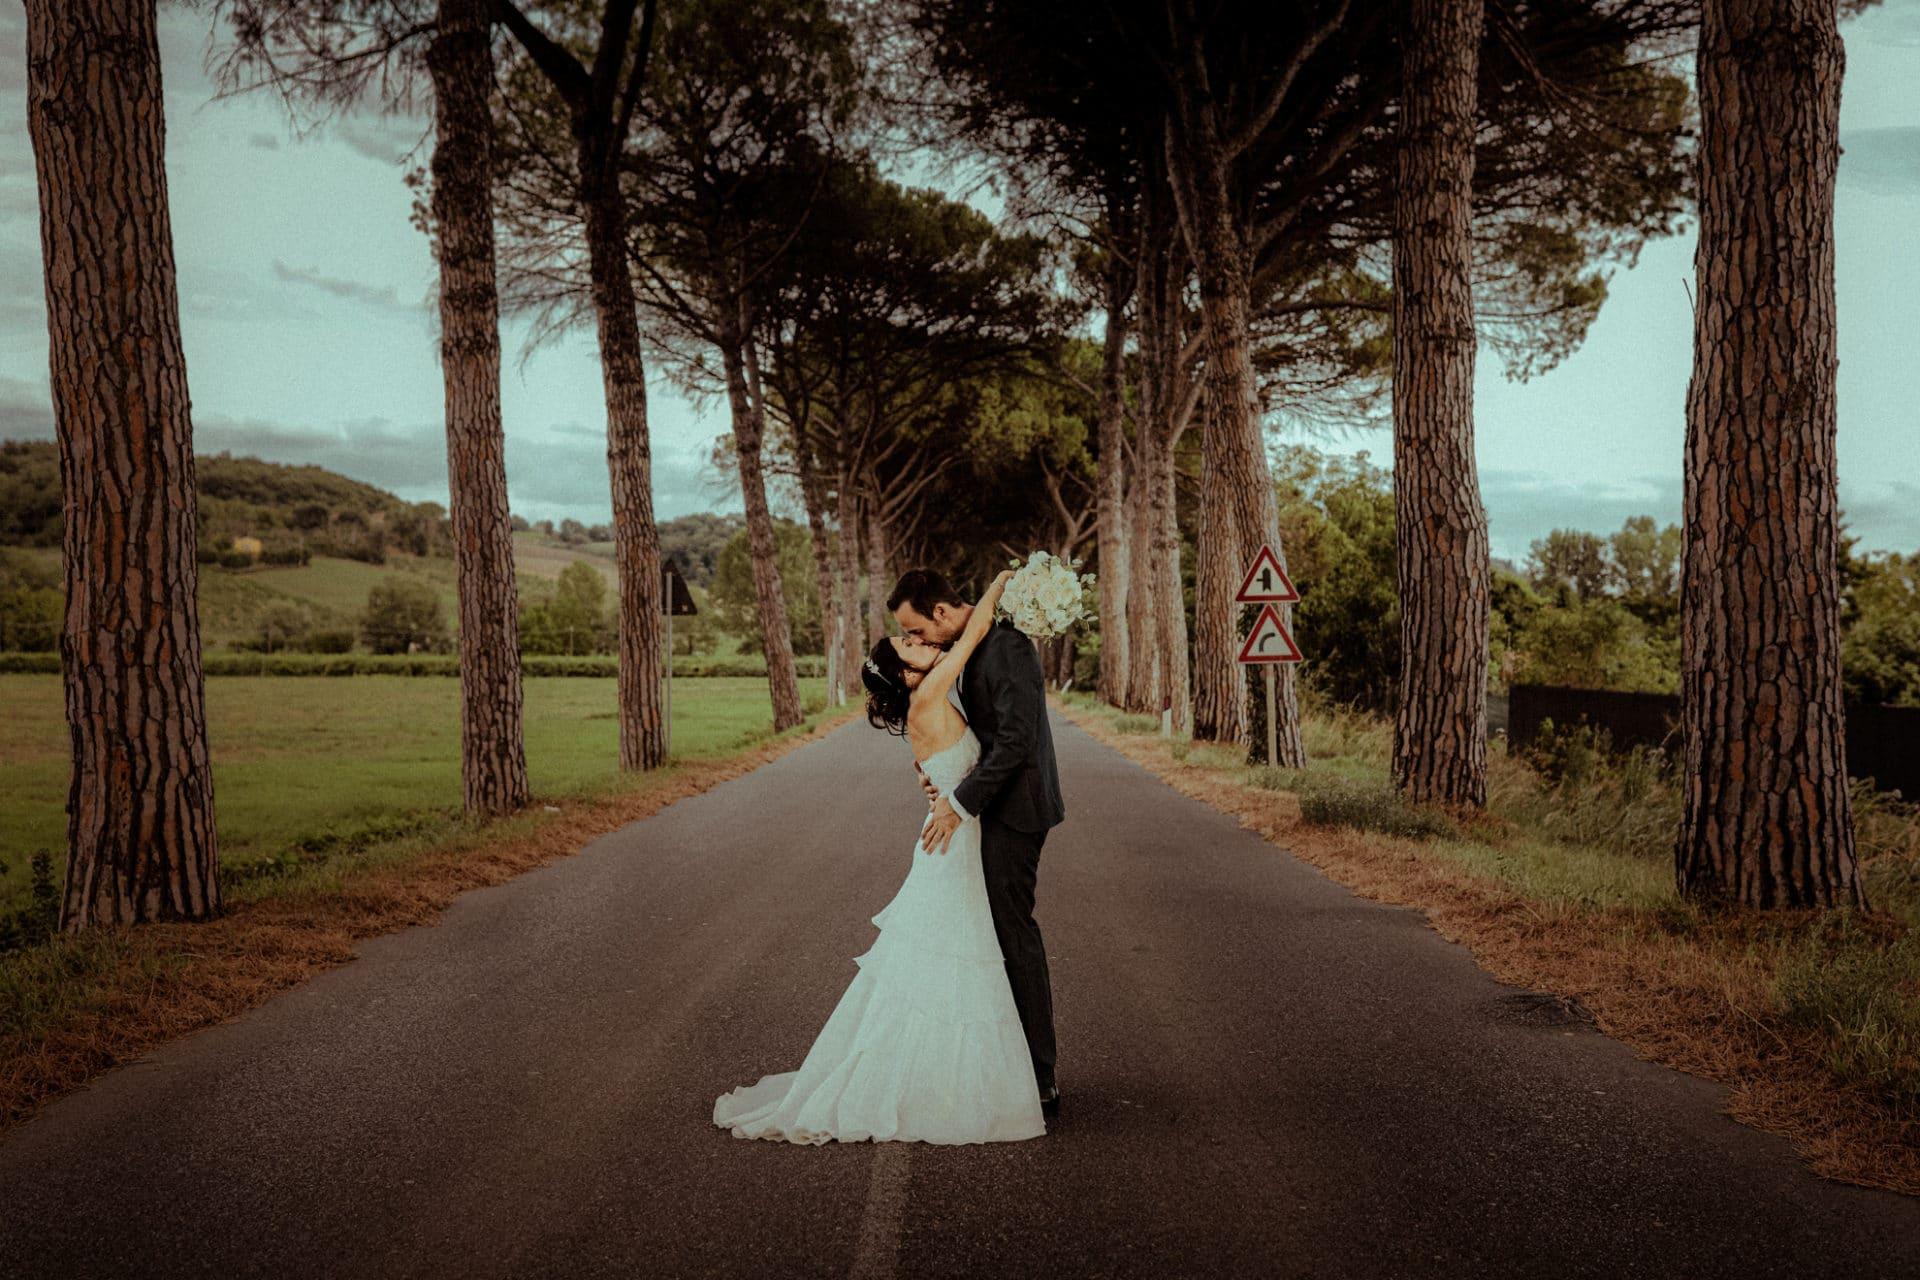 maries s embrassant sur la route